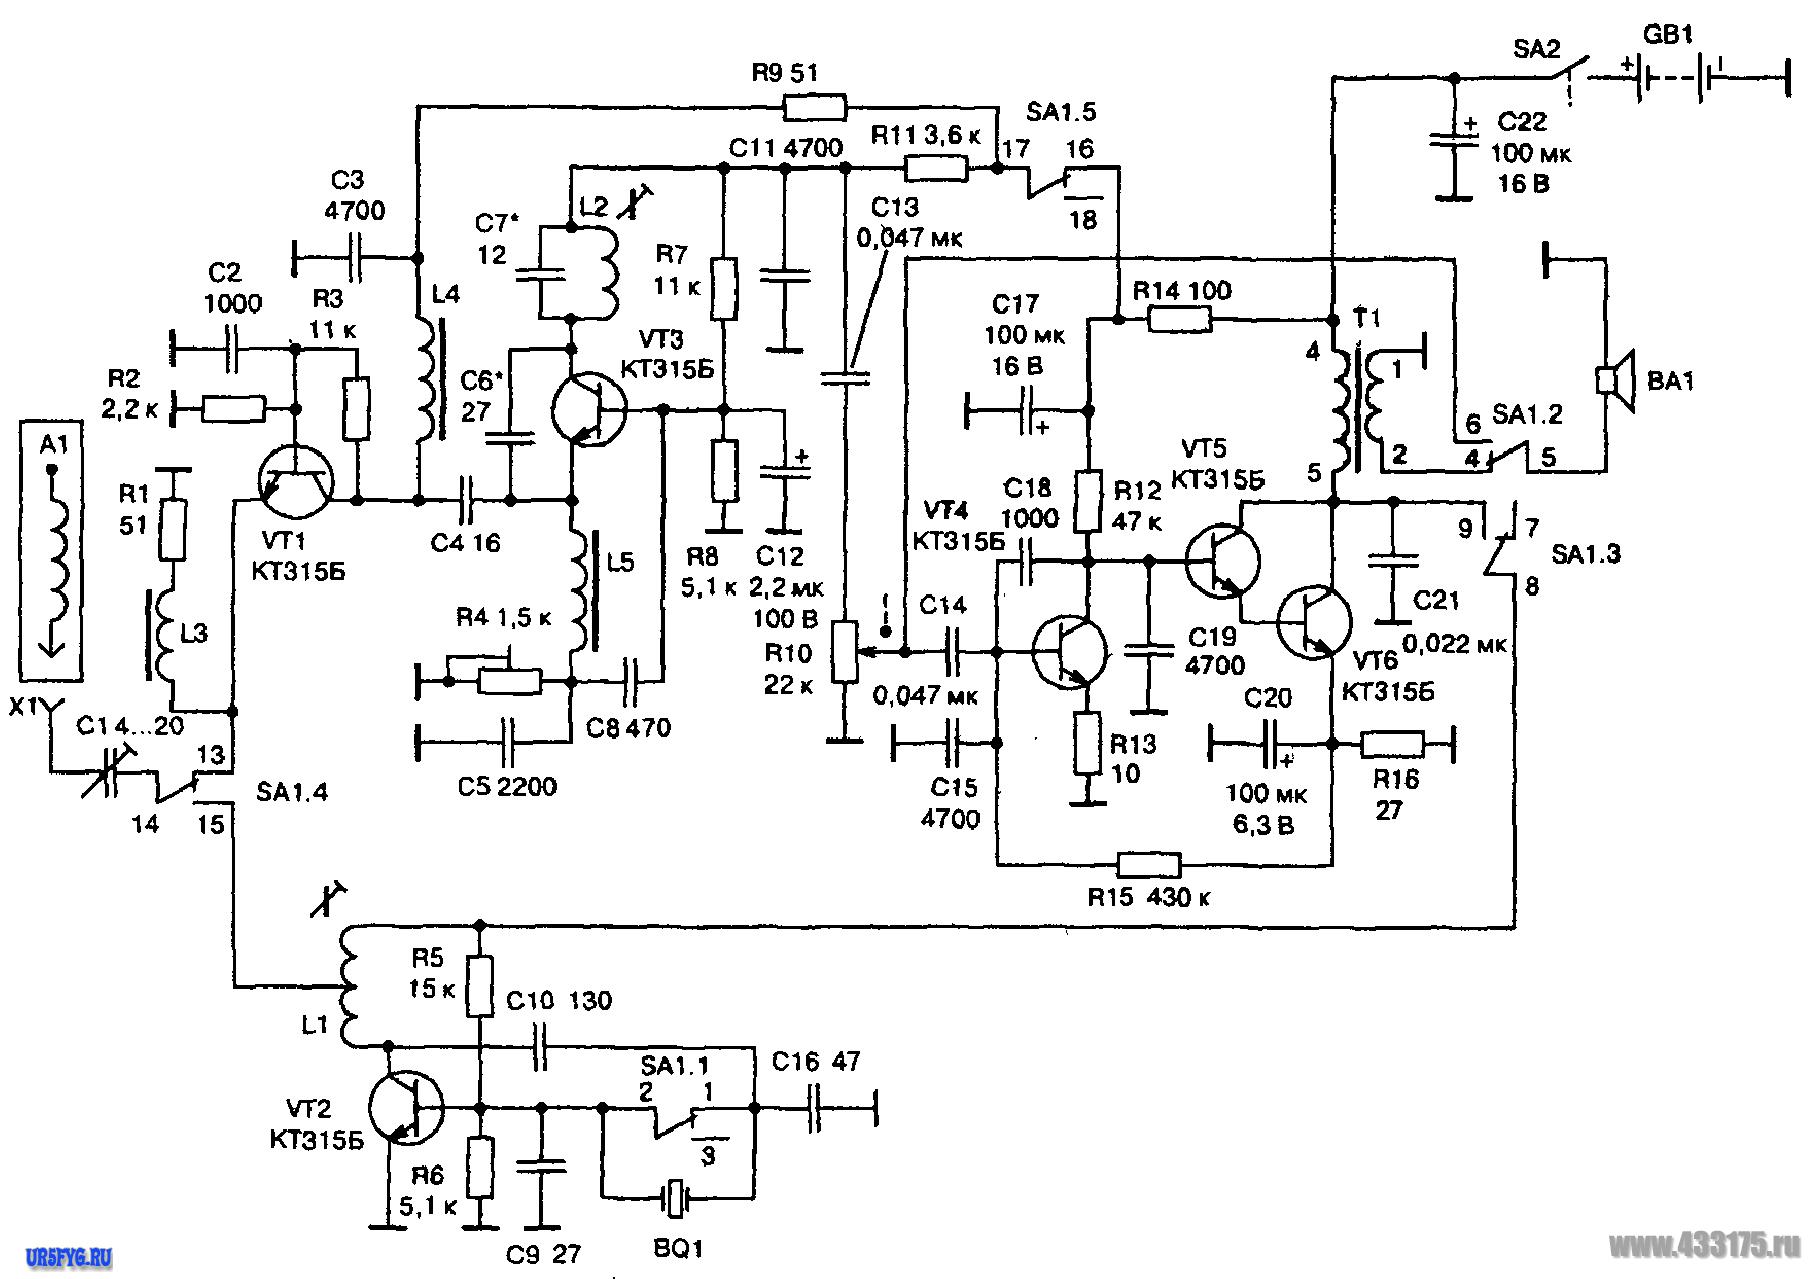 ВЧ генератор собран на транзисторе VT2, модуляция - коллекторная.  Питание трансивера осуществляется от четырех...